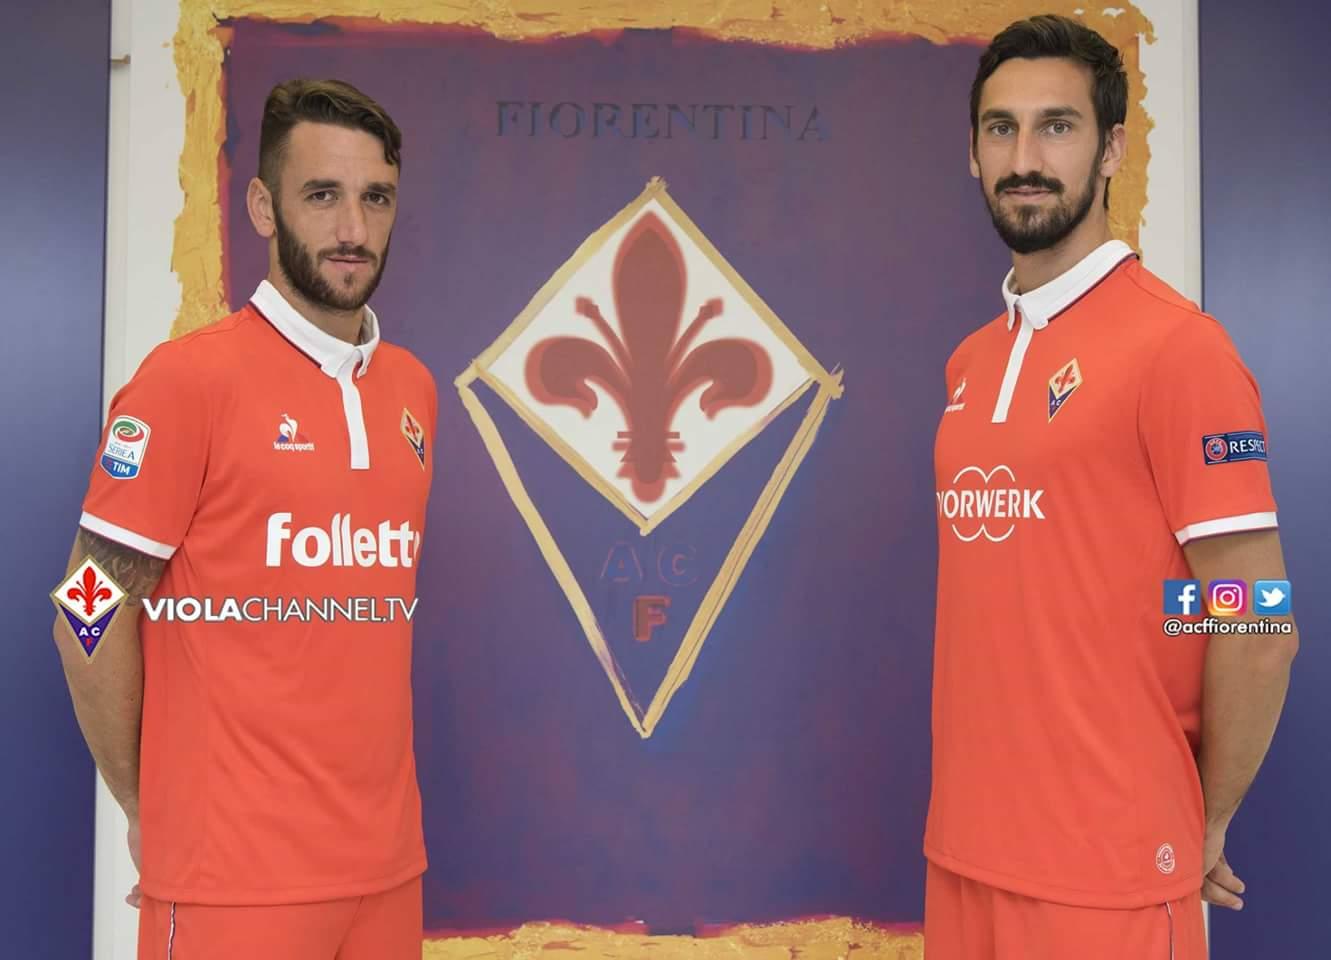 Finalmente visibile la terza maglia della Fiorentina, da domani parte la vendita libera